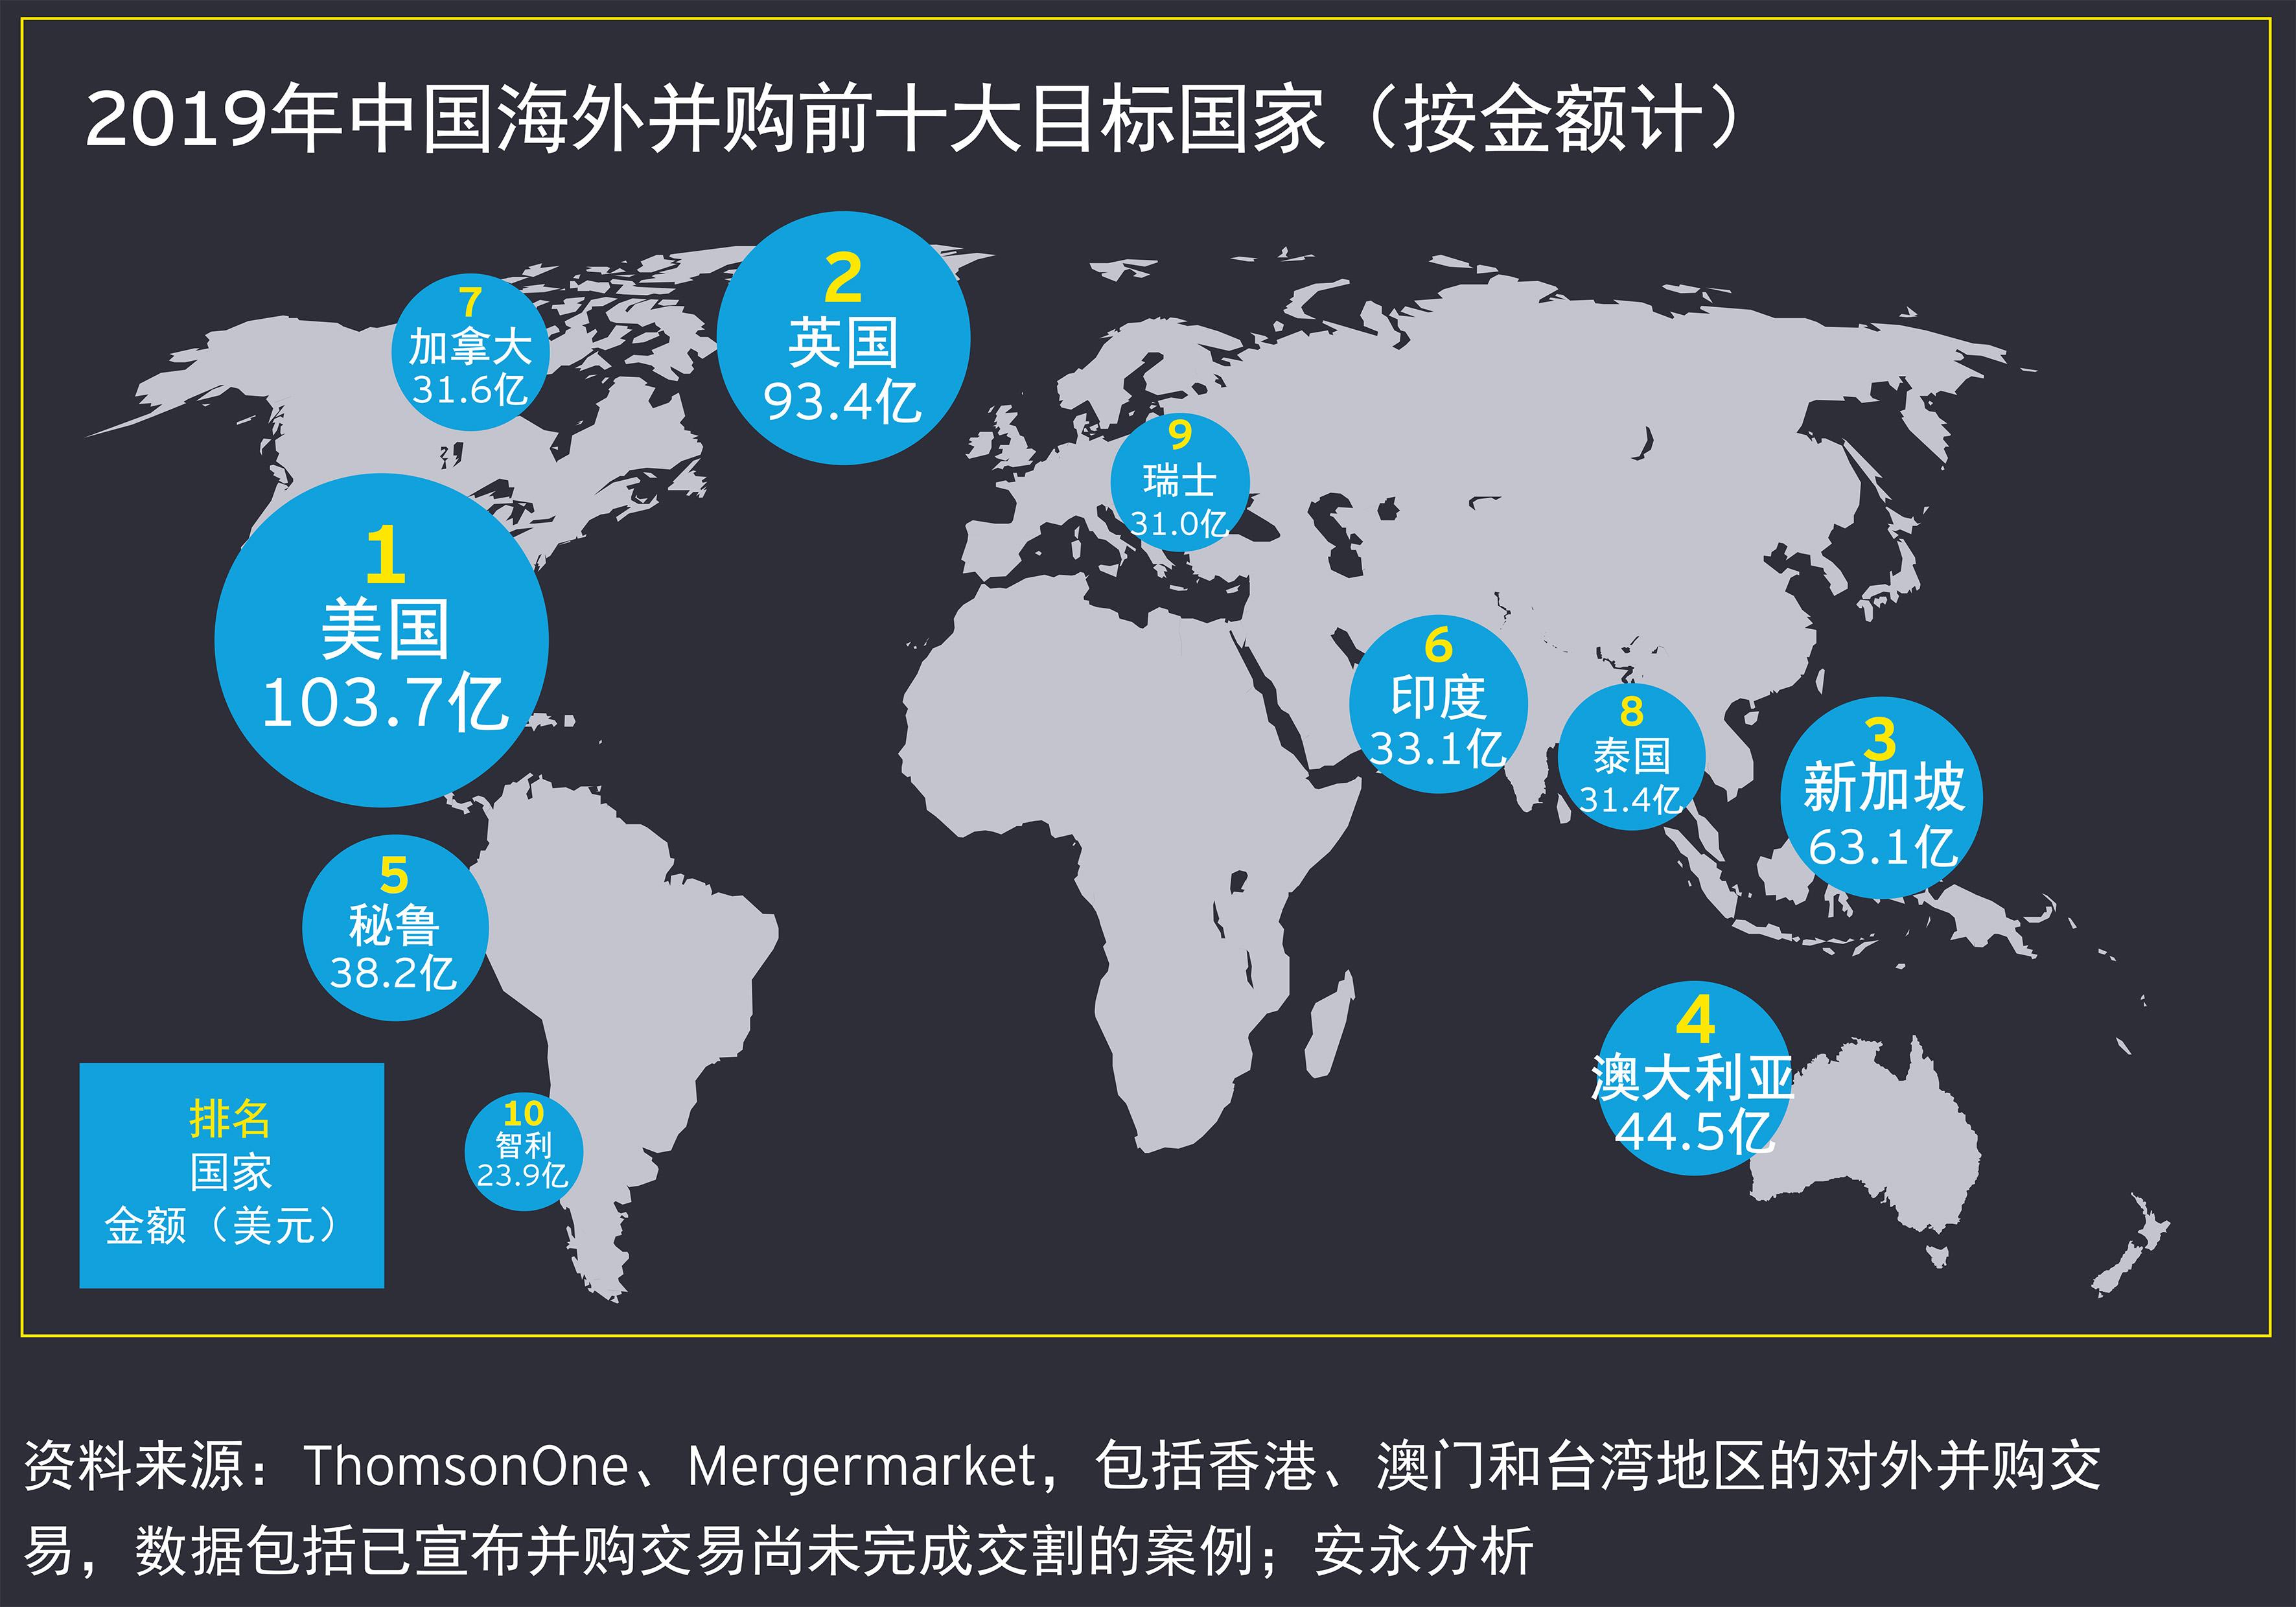 2019年全年 中国海外投资概览